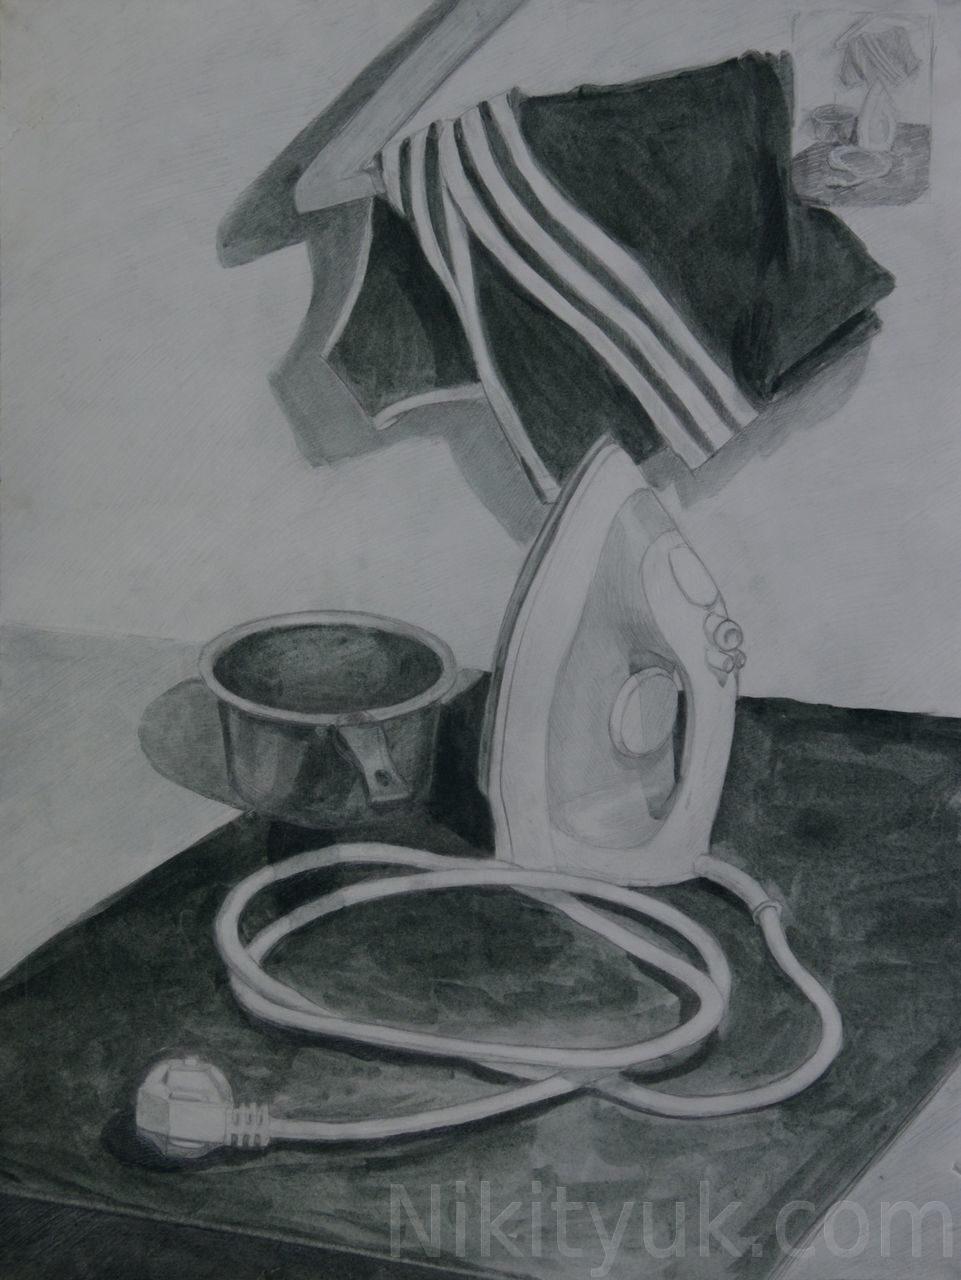 Мария Сергеева 15 лет, второй год обучения. Учебная постановка, бум., соус, карандаш, 60х40см